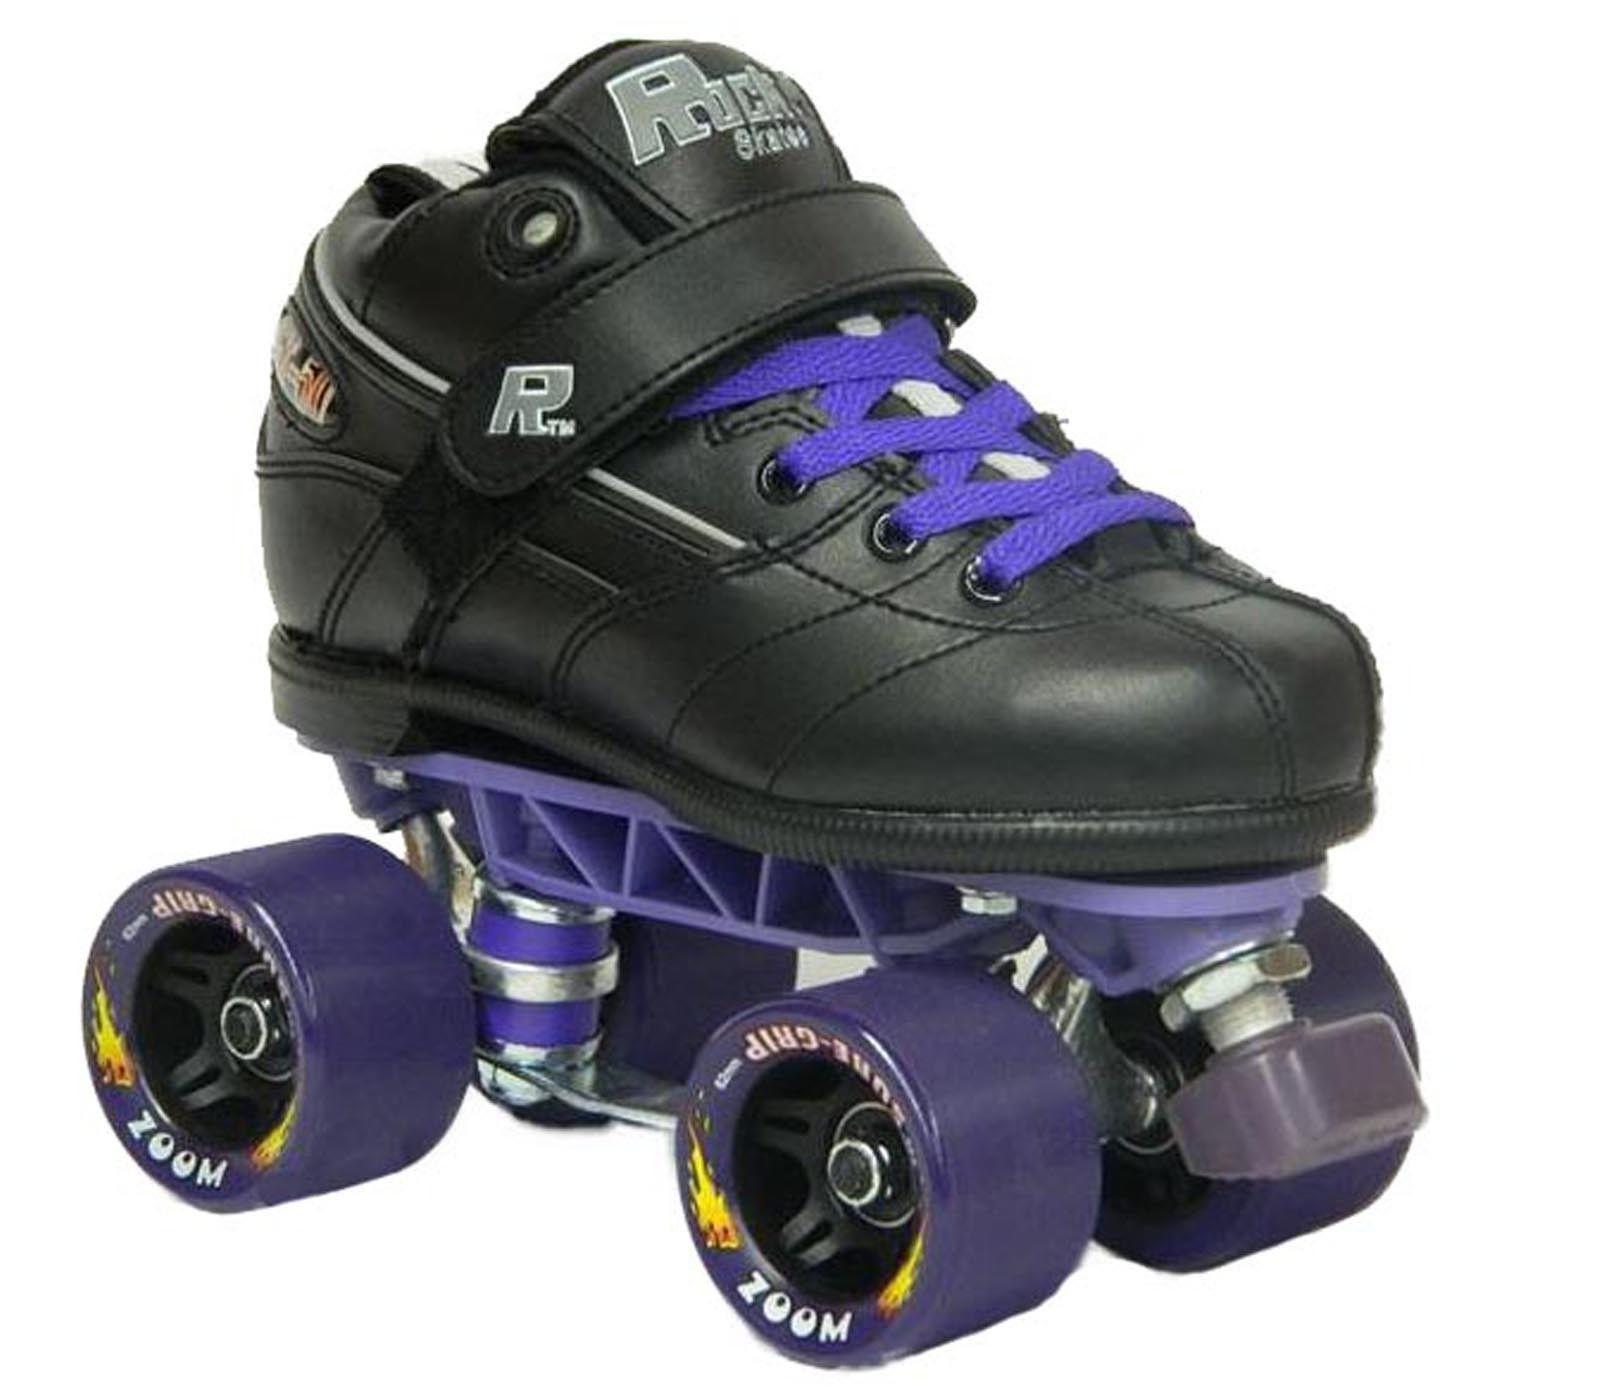 Rock Gt50 Sunlite Zoom Men Indoor Outdoor Roller Skates Size 3 15 Outdoor Roller Skates Roller Skates Skate